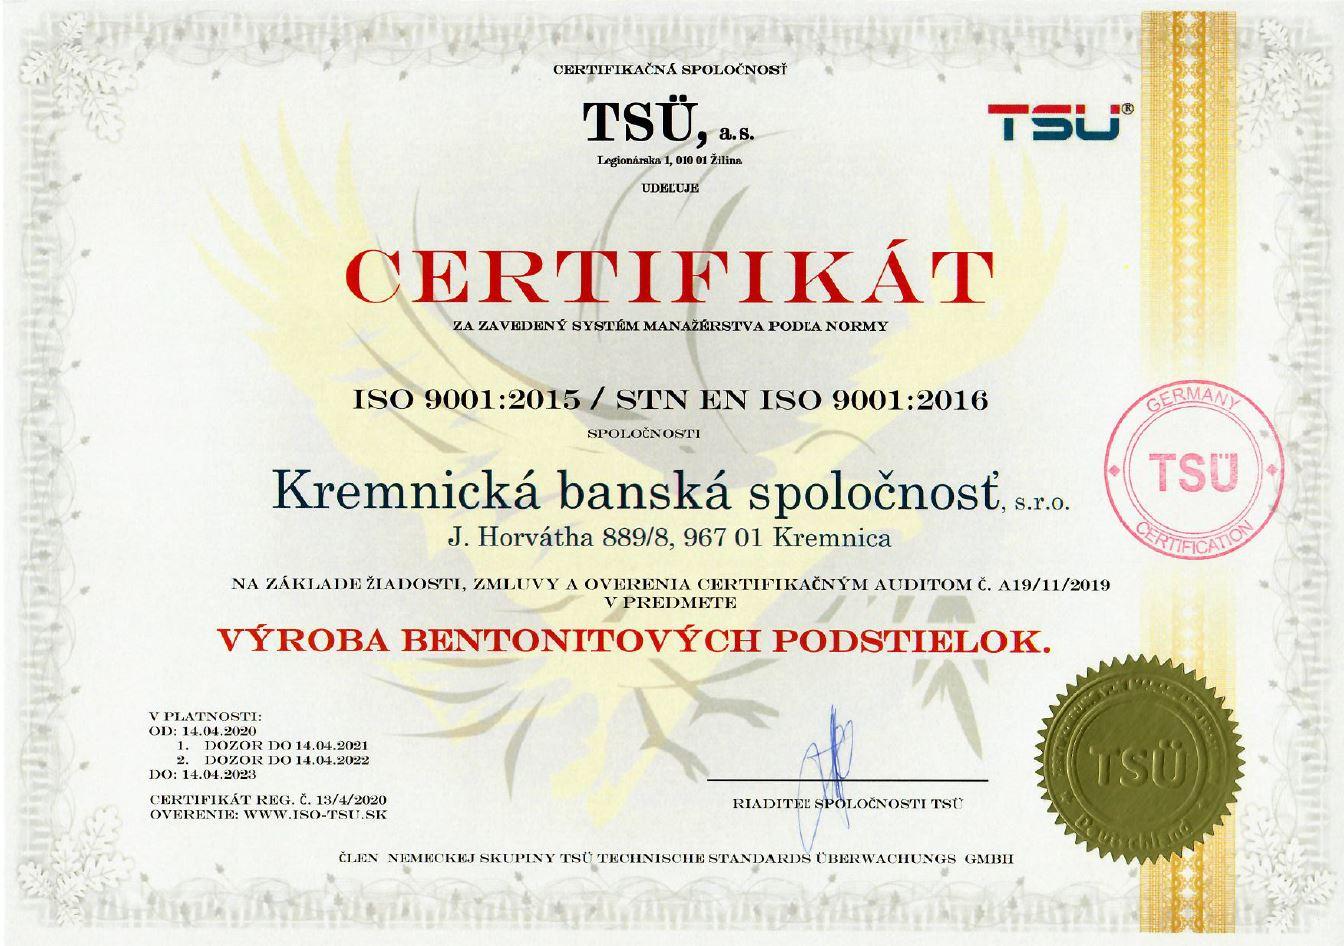 ISO 9001:2015 certifikát kvality